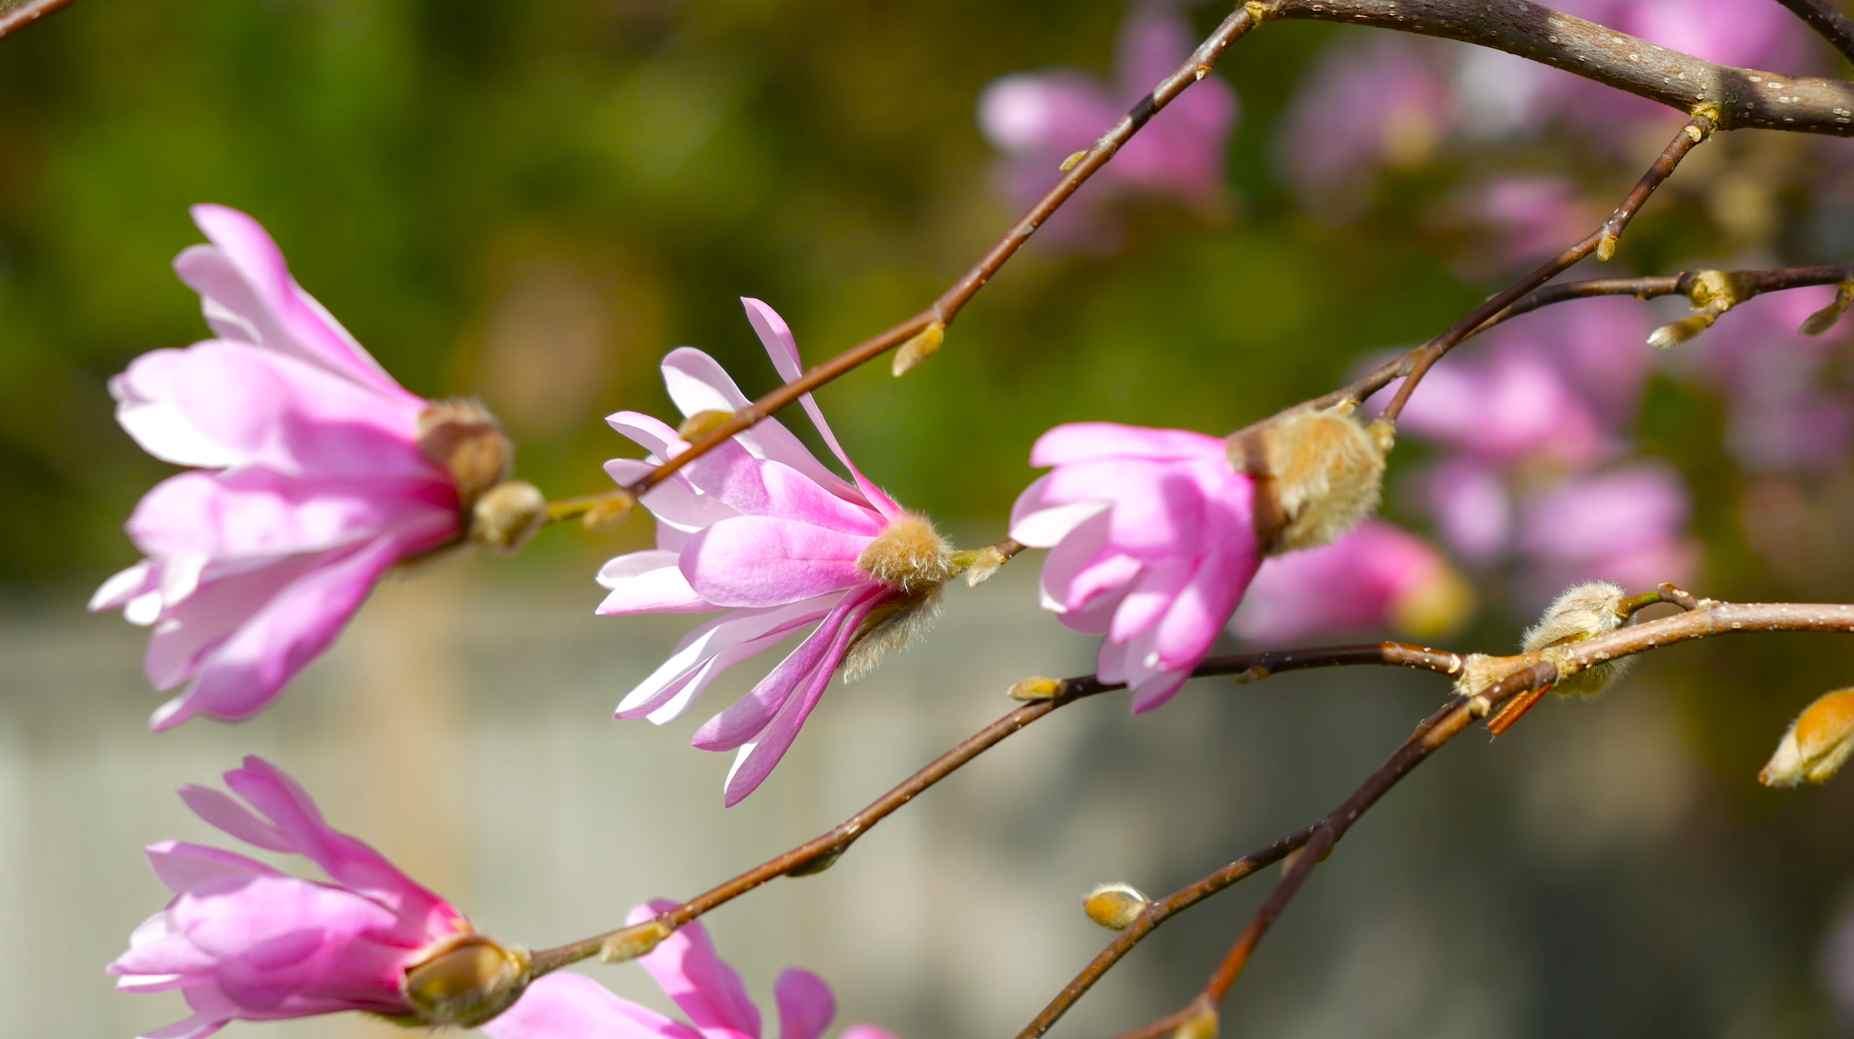 Цветы магнолии – символ чистоты и нежности